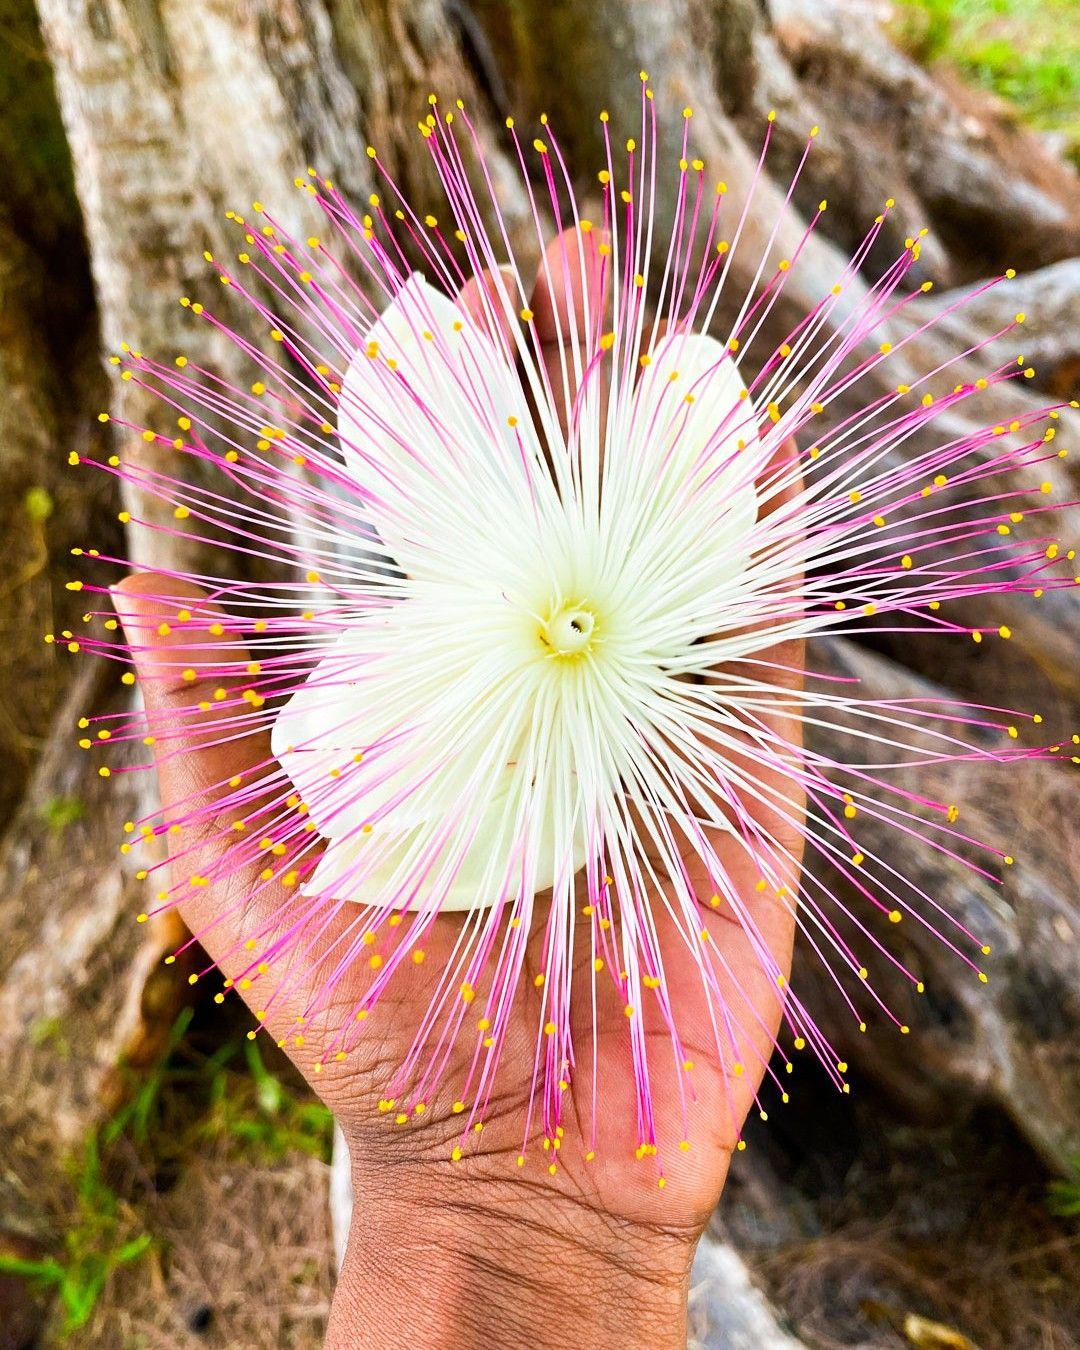 [𝔸𝕥𝕖𝕝𝕚𝕖𝕣 𝕚𝕟𝕤𝕥𝕒𝕘𝕣𝕒𝕥𝕚𝕥𝕦𝕕𝕖]  - Légèreté  ----------------------------------------------------  #365joursdinspiration #atelierinstagratitude #légèreté #coursphotographie #unephotoparjour #reunionnaisdumonde #defiphoto #fleurs #beautyofnature #enjoylittlethings #lanatureestbelle #flowers #instaflowers